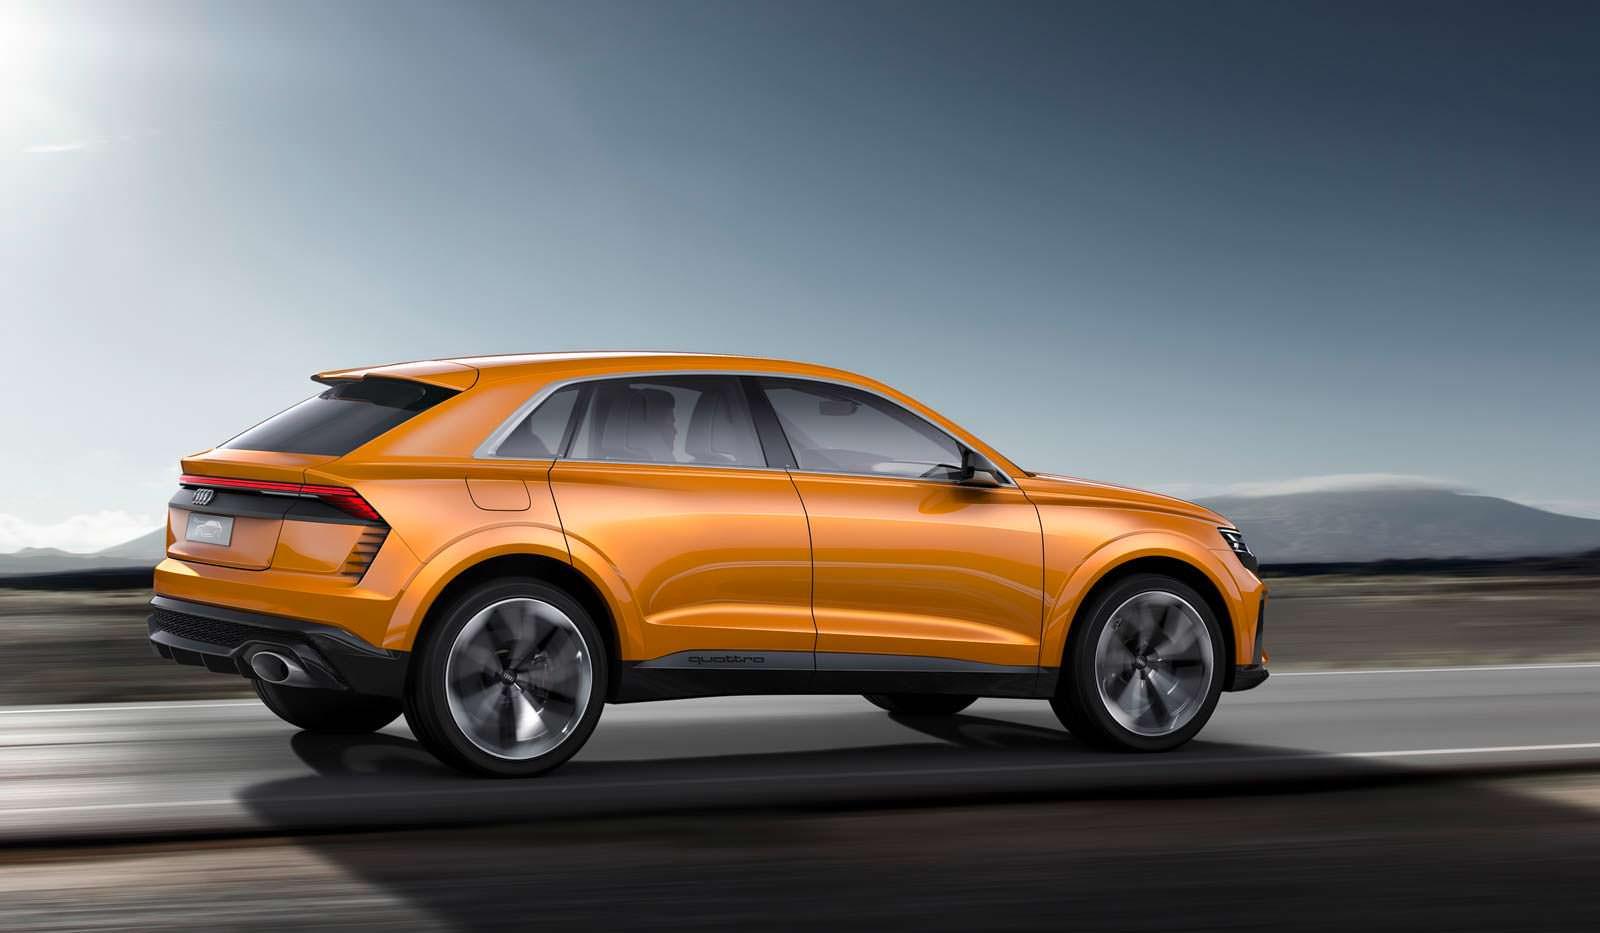 Концептуальный внедорожник Audi Q8 Sport Concept